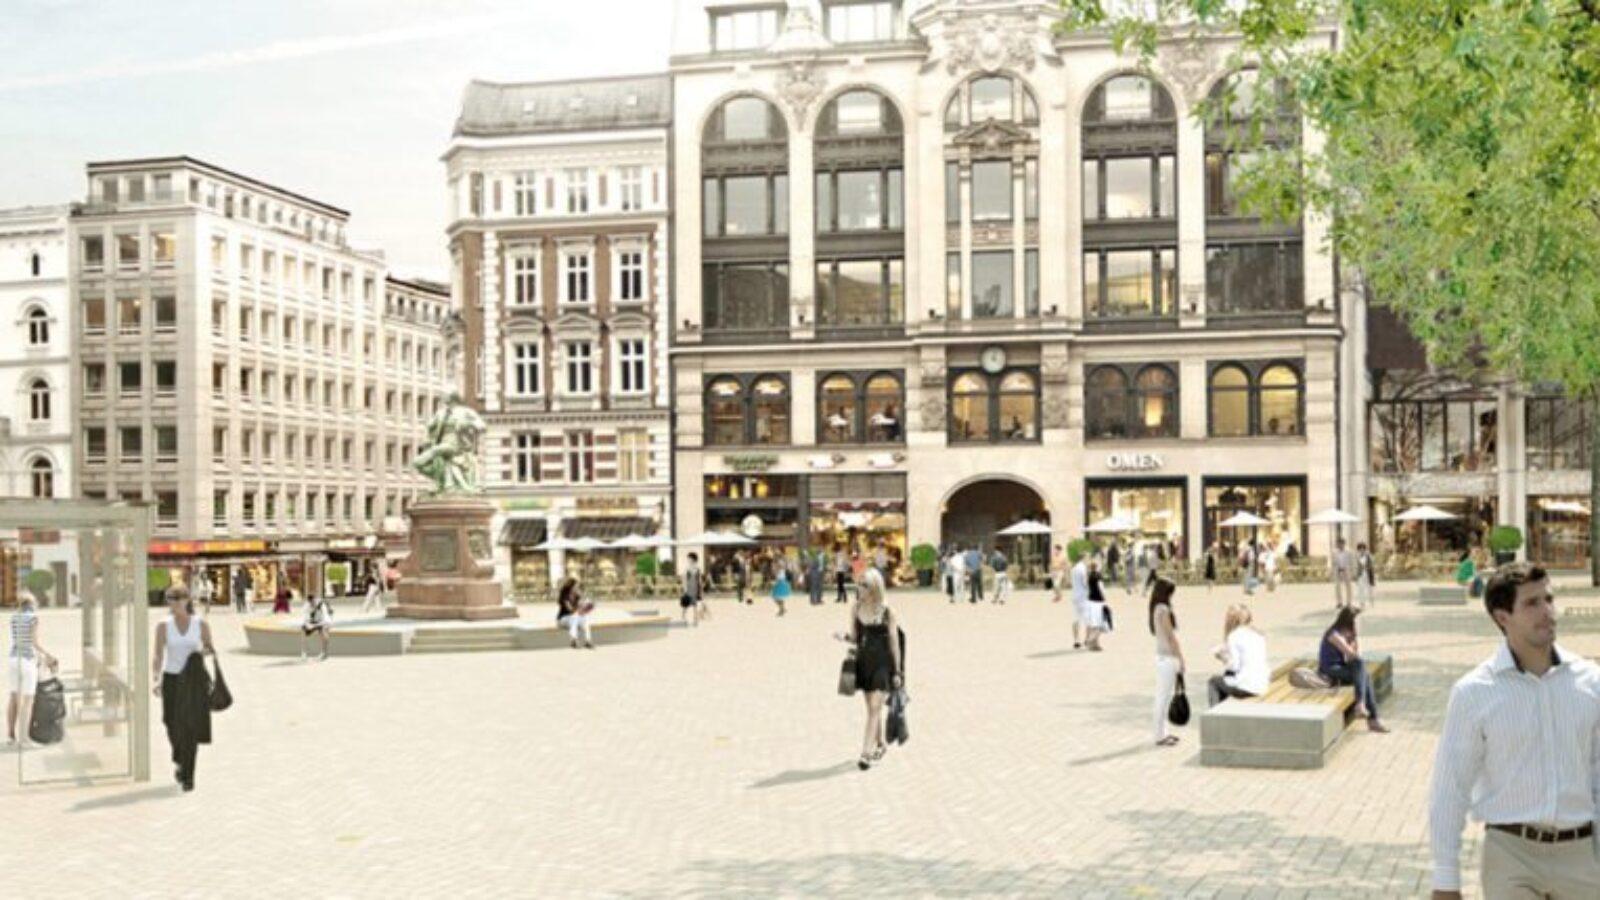 Ausgeh-Tipp am 29.09.: Eröffnung des neuen Quartiers Gänsemarkt